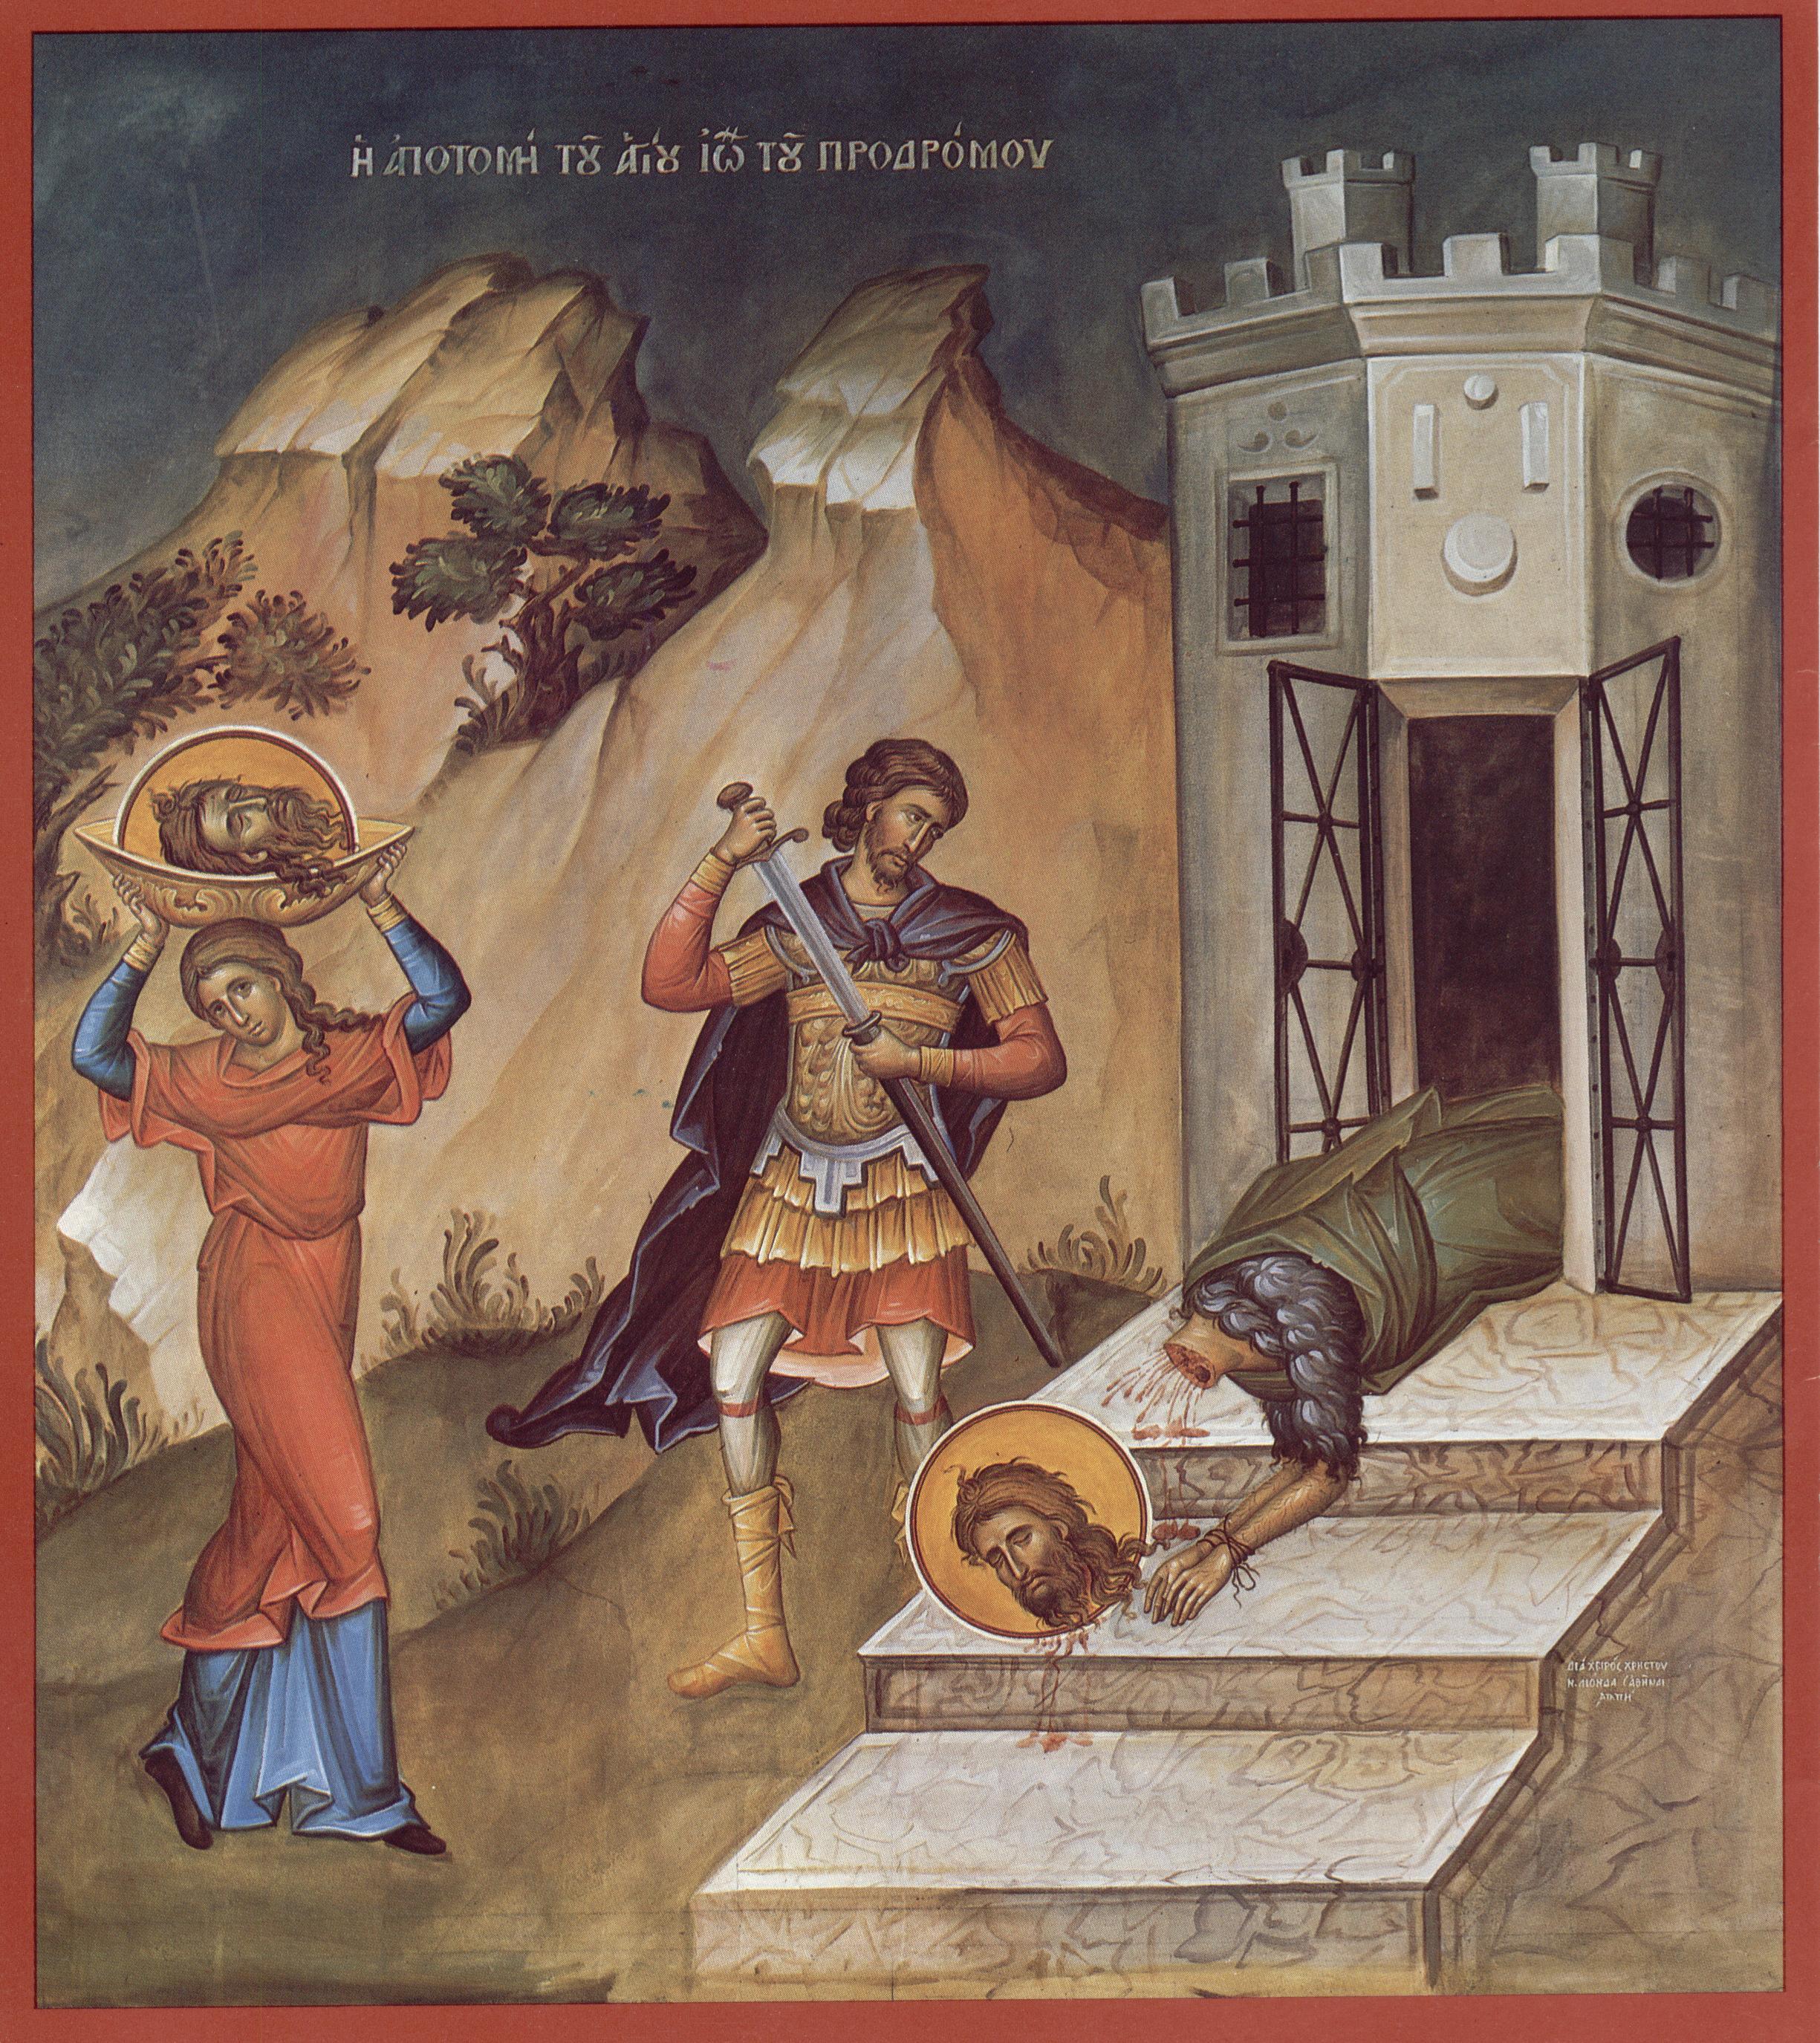 Η Αποτομή της Τιμίας Κεφαλής του Αγίου Ιωάννου του Προδρόμου – Αθανασίου  Διαλεκτόπουλου. | Ορθόδοξη Πορεία